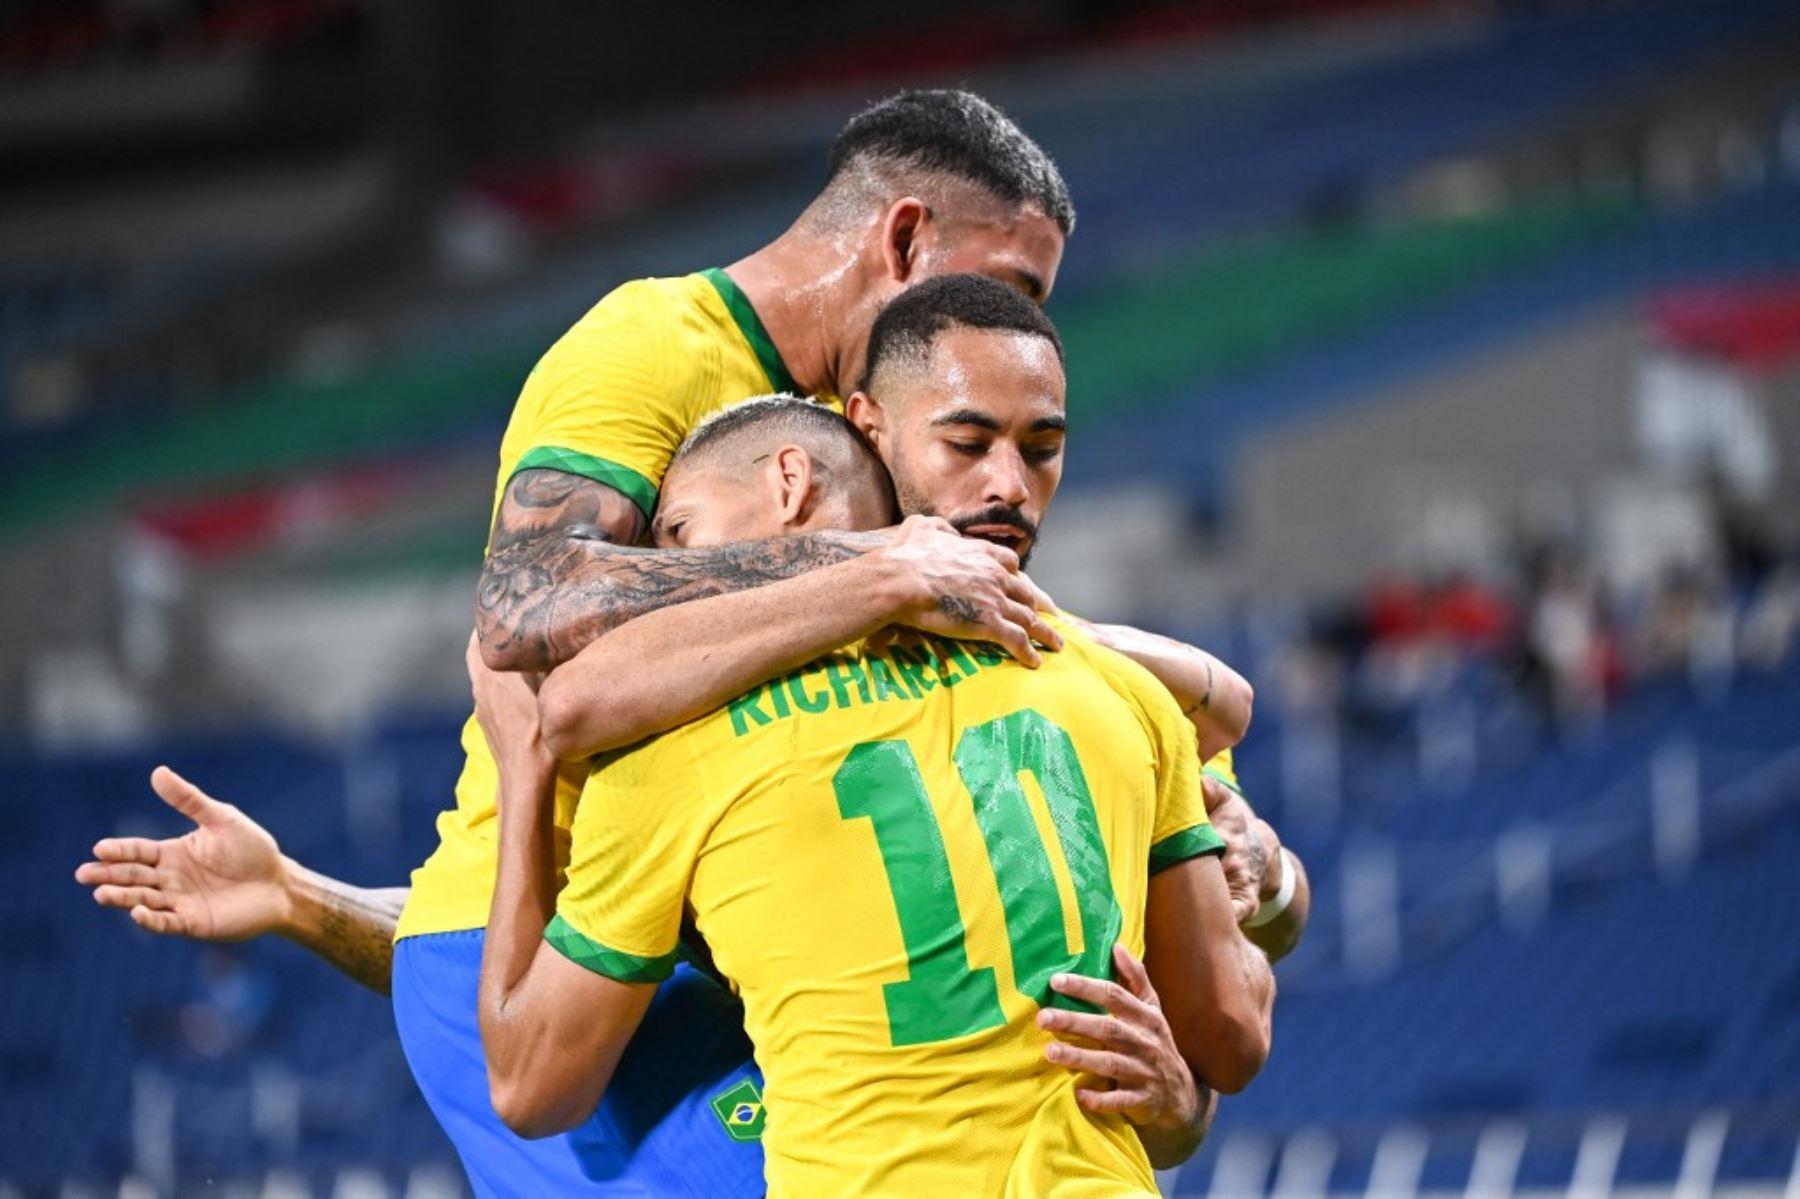 Los brasileños caminan seguros a la conquista de la medalla de oro en Tokio 2020